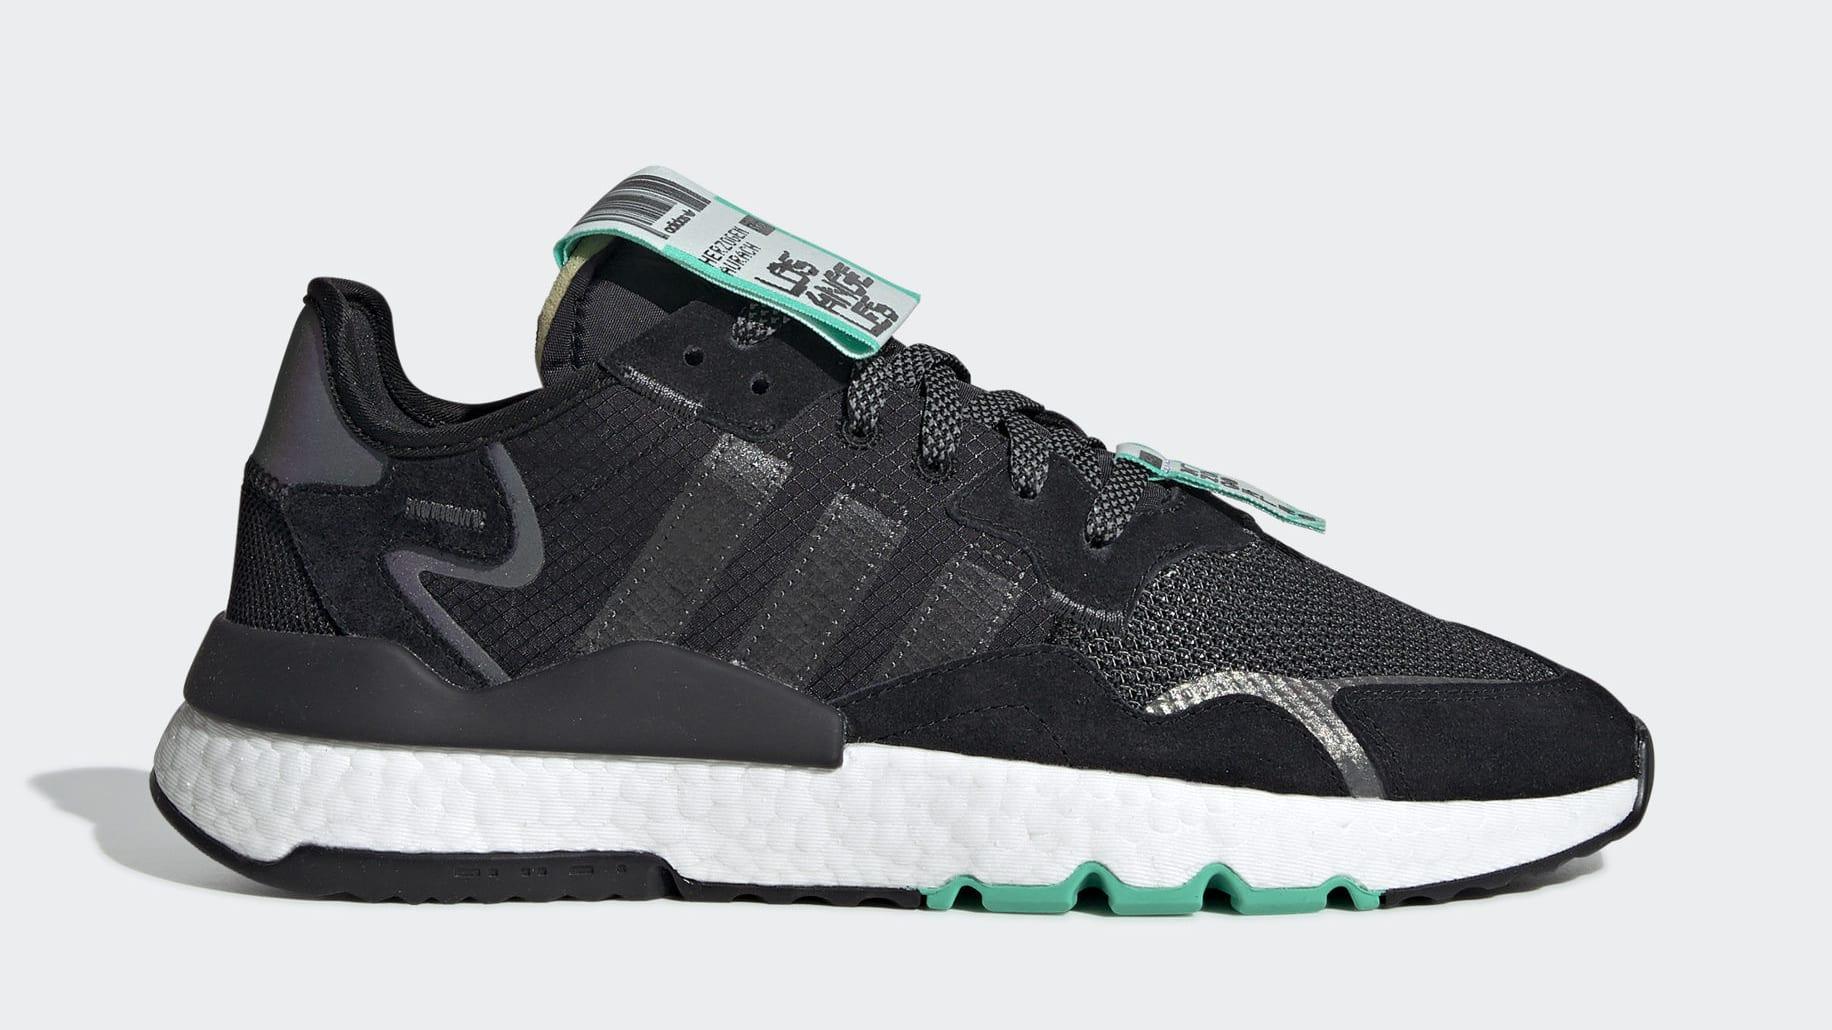 Adidas Nite Jogger 'Los Angeles' EG2203 Lateral